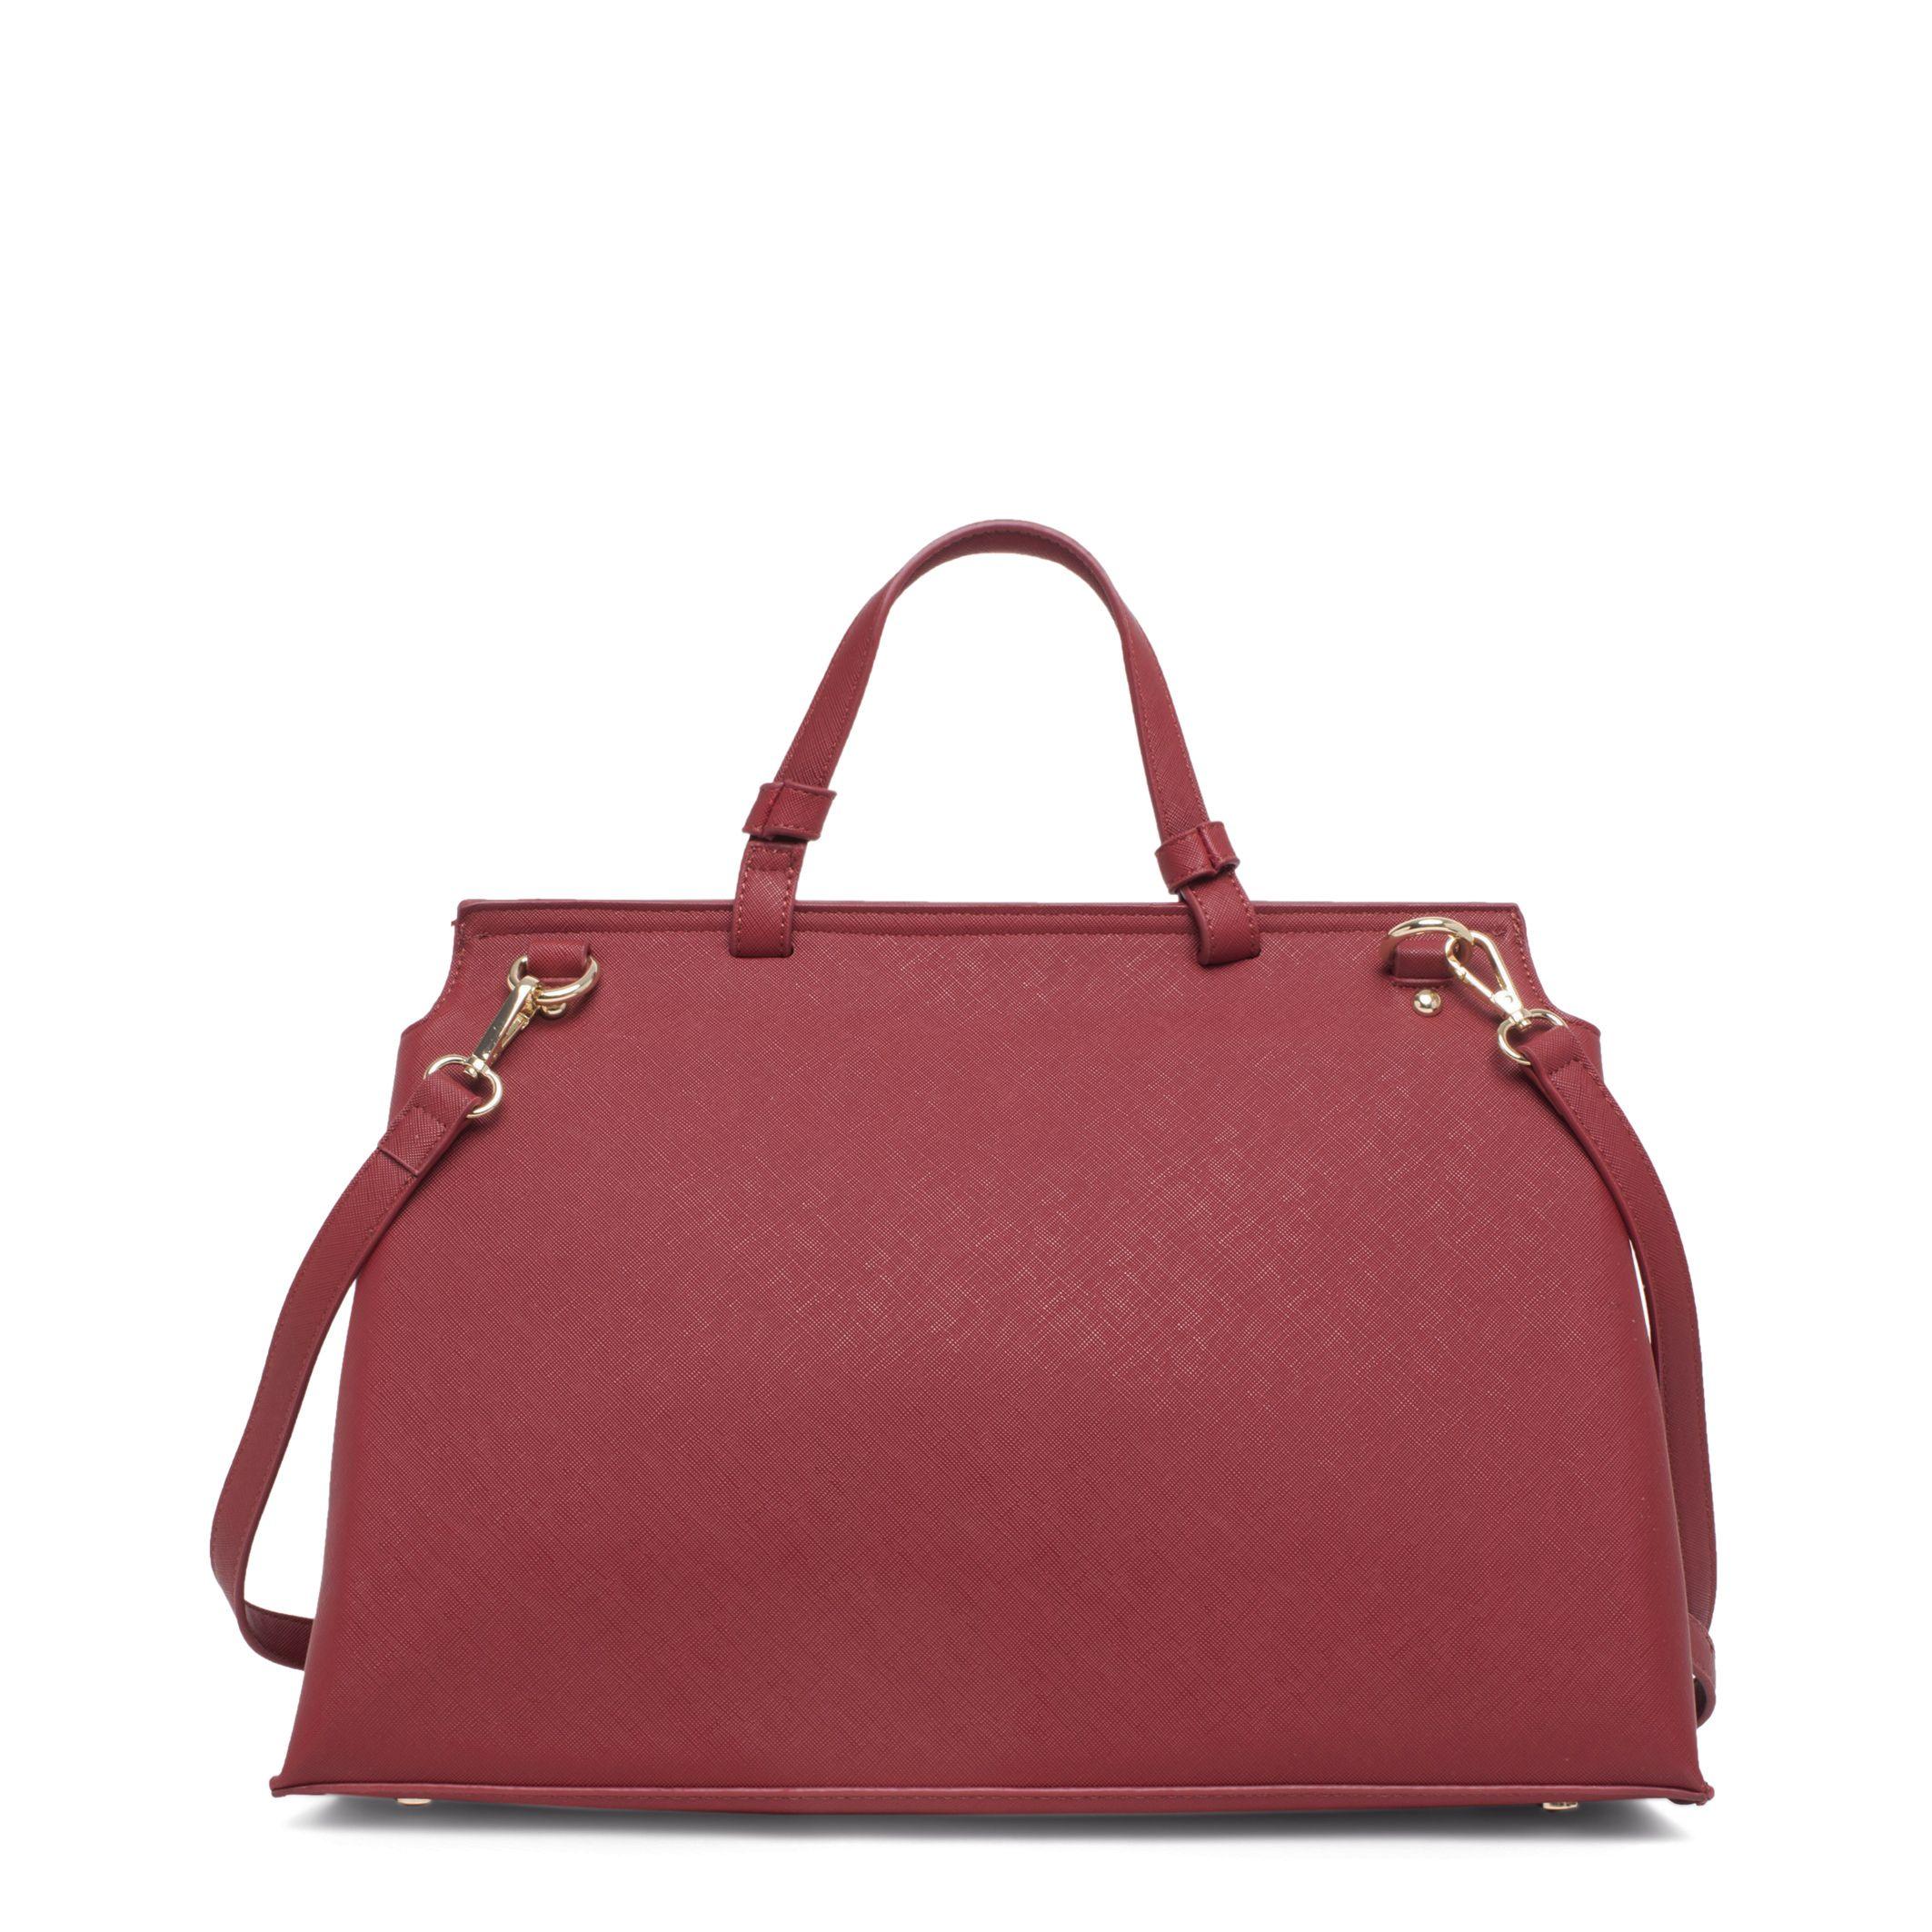 Handtaschen Trussardi – 76BTS14 – Rot